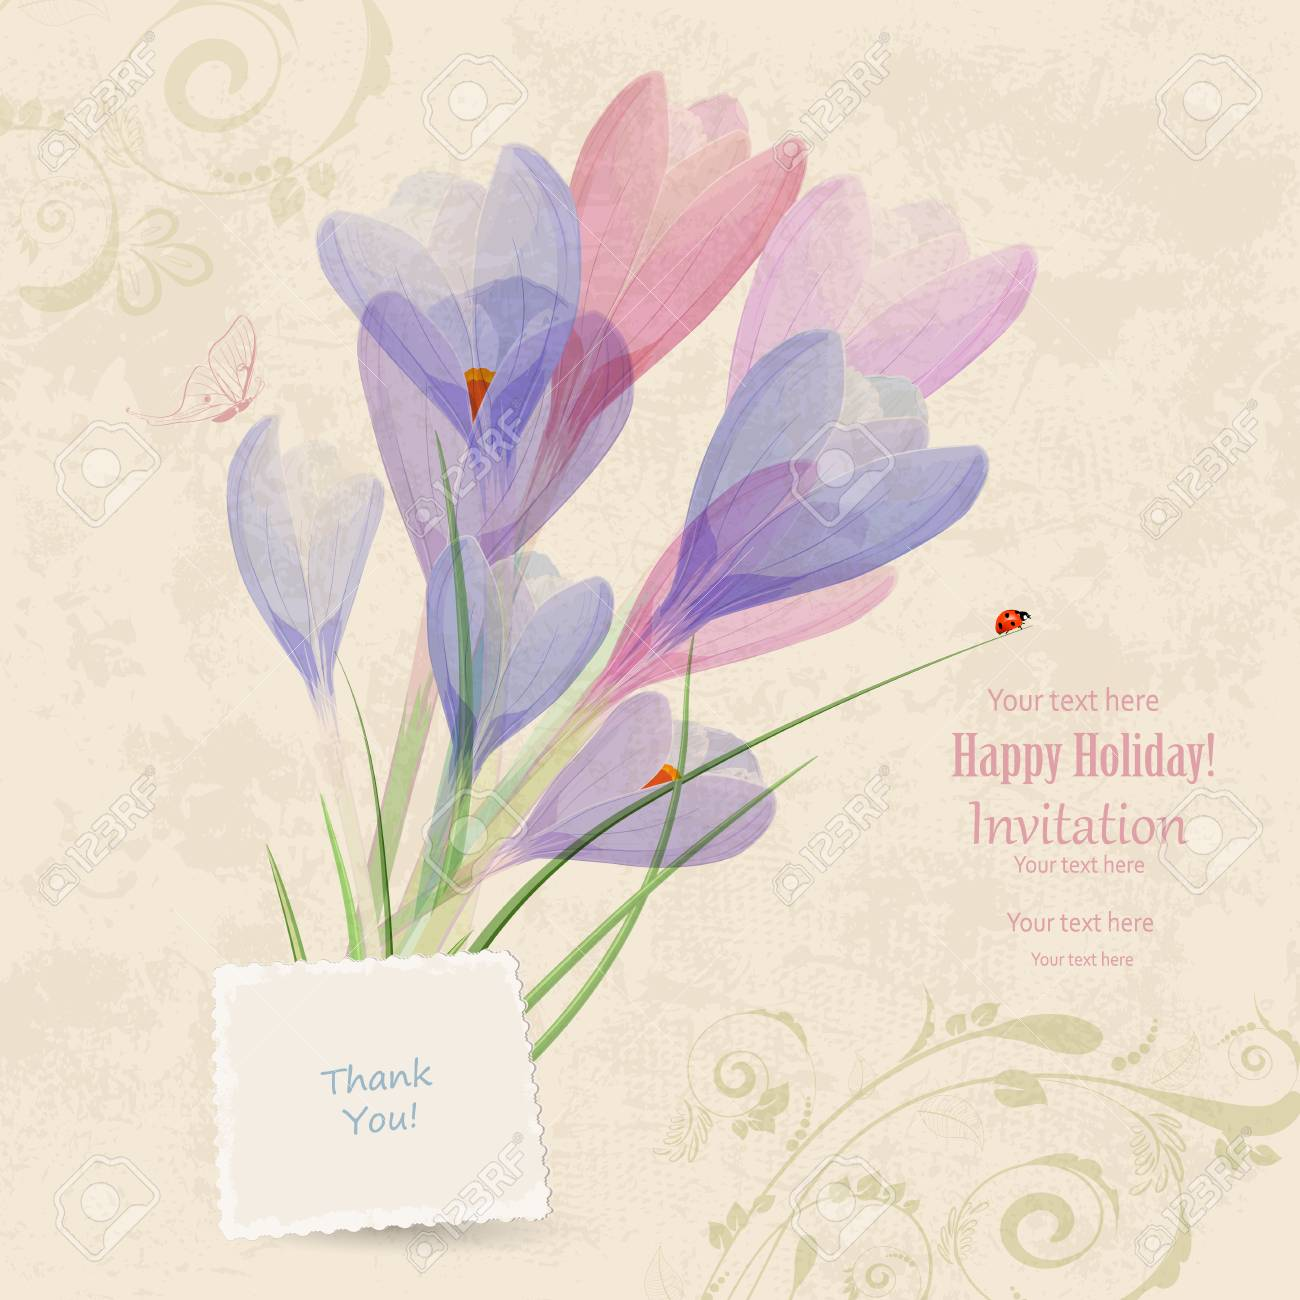 Rétro Carte Dinvitation Avec Des Fleurs De Printemps Pour Votre Conception Je Vous Remercie